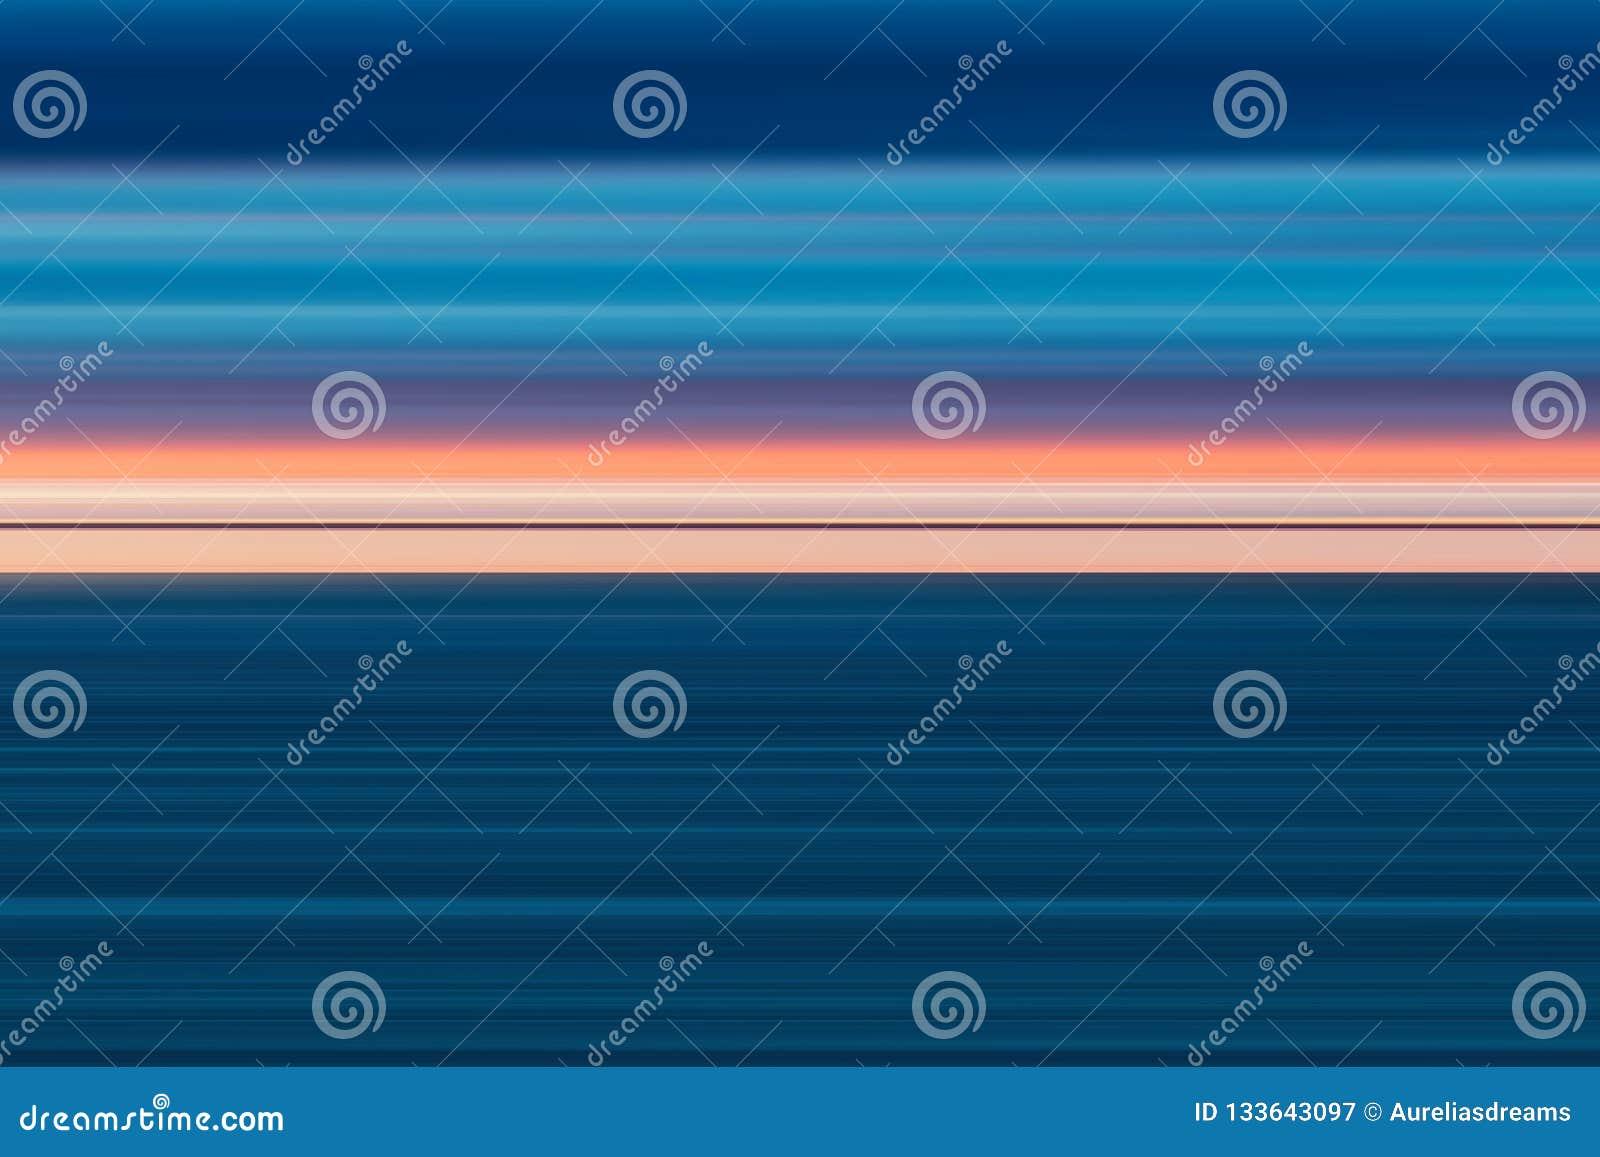 Bunte abstrakte helle Linien Hintergrund, horizontale gestreifte Beschaffenheit im Rosa und blaue Töne